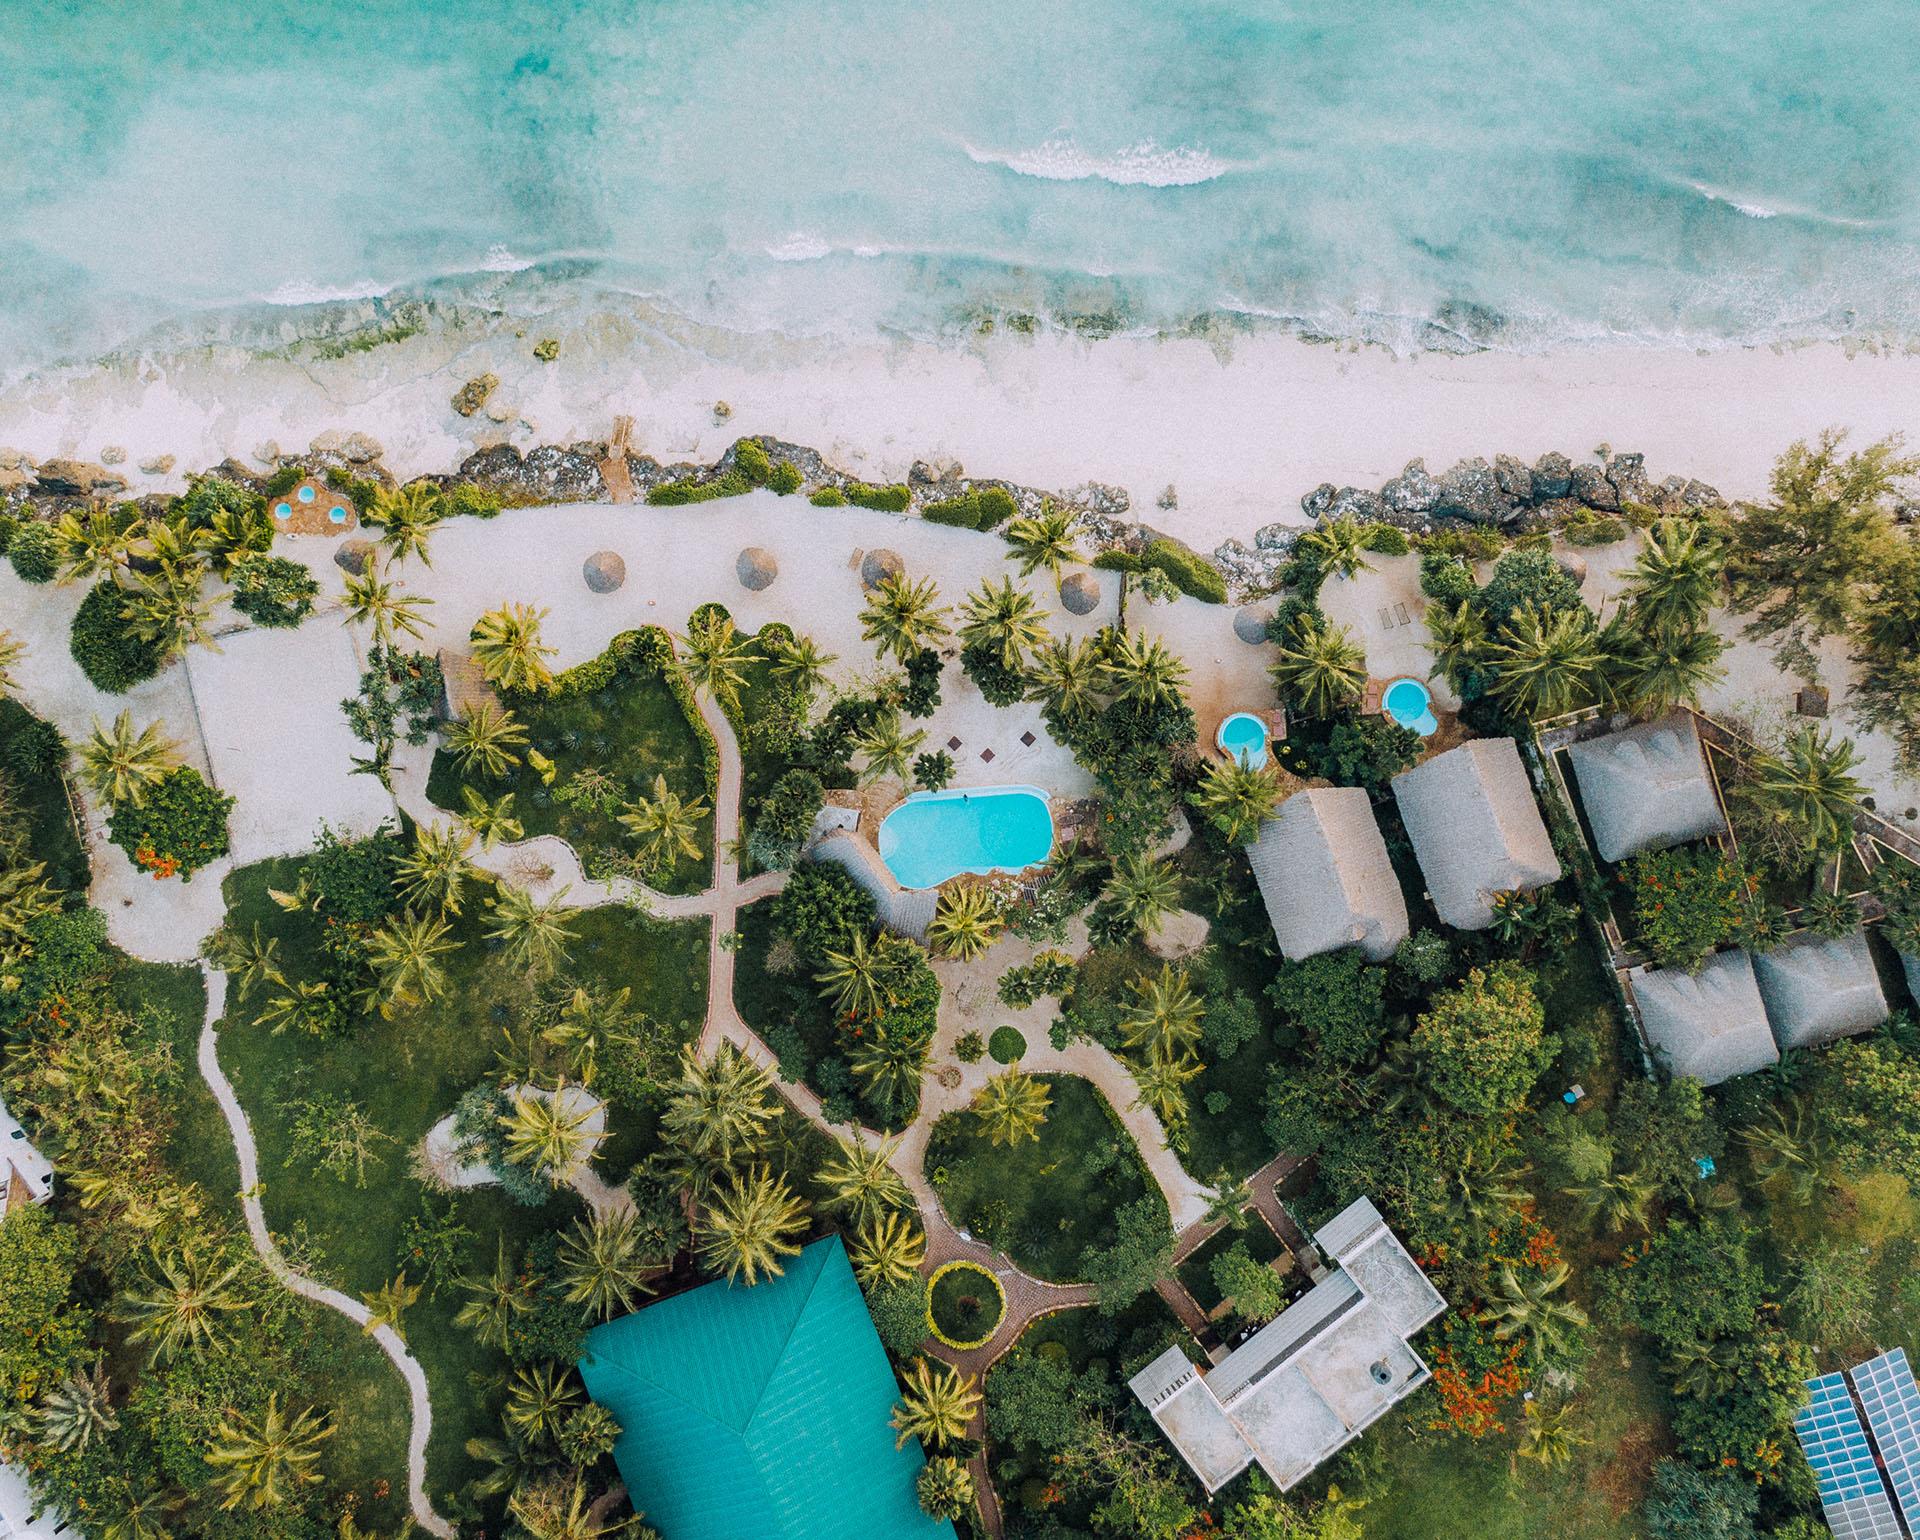 Lux_The Zanzibari x Good Citizen10